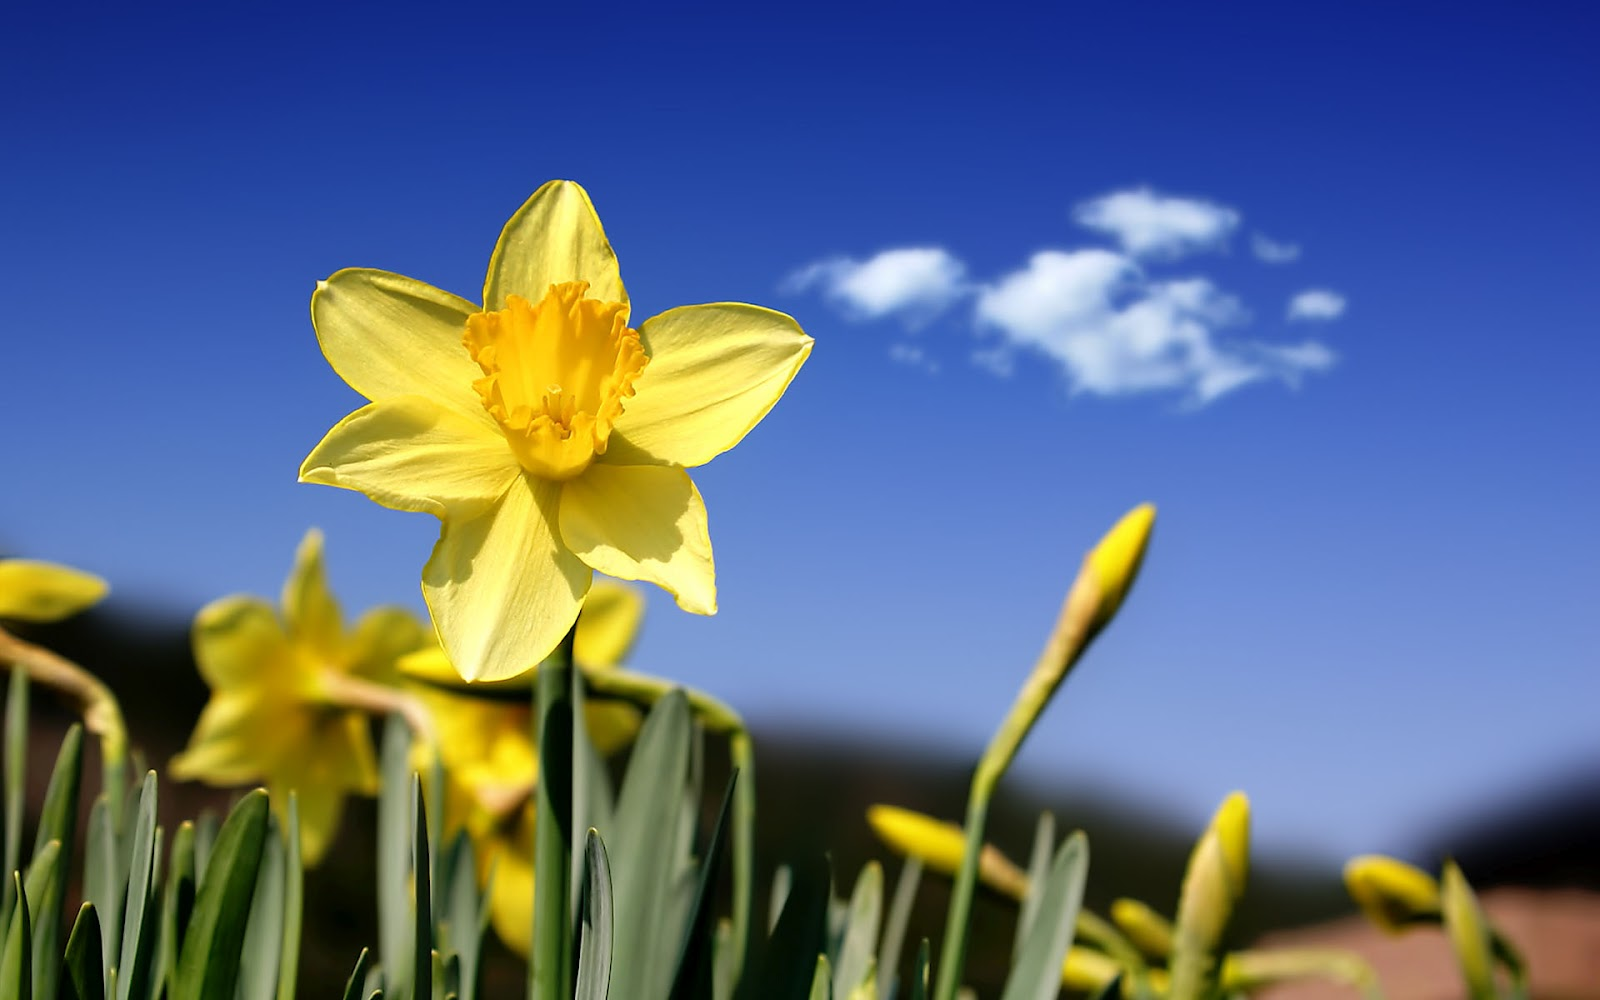 lente achtergronden hd - photo #24